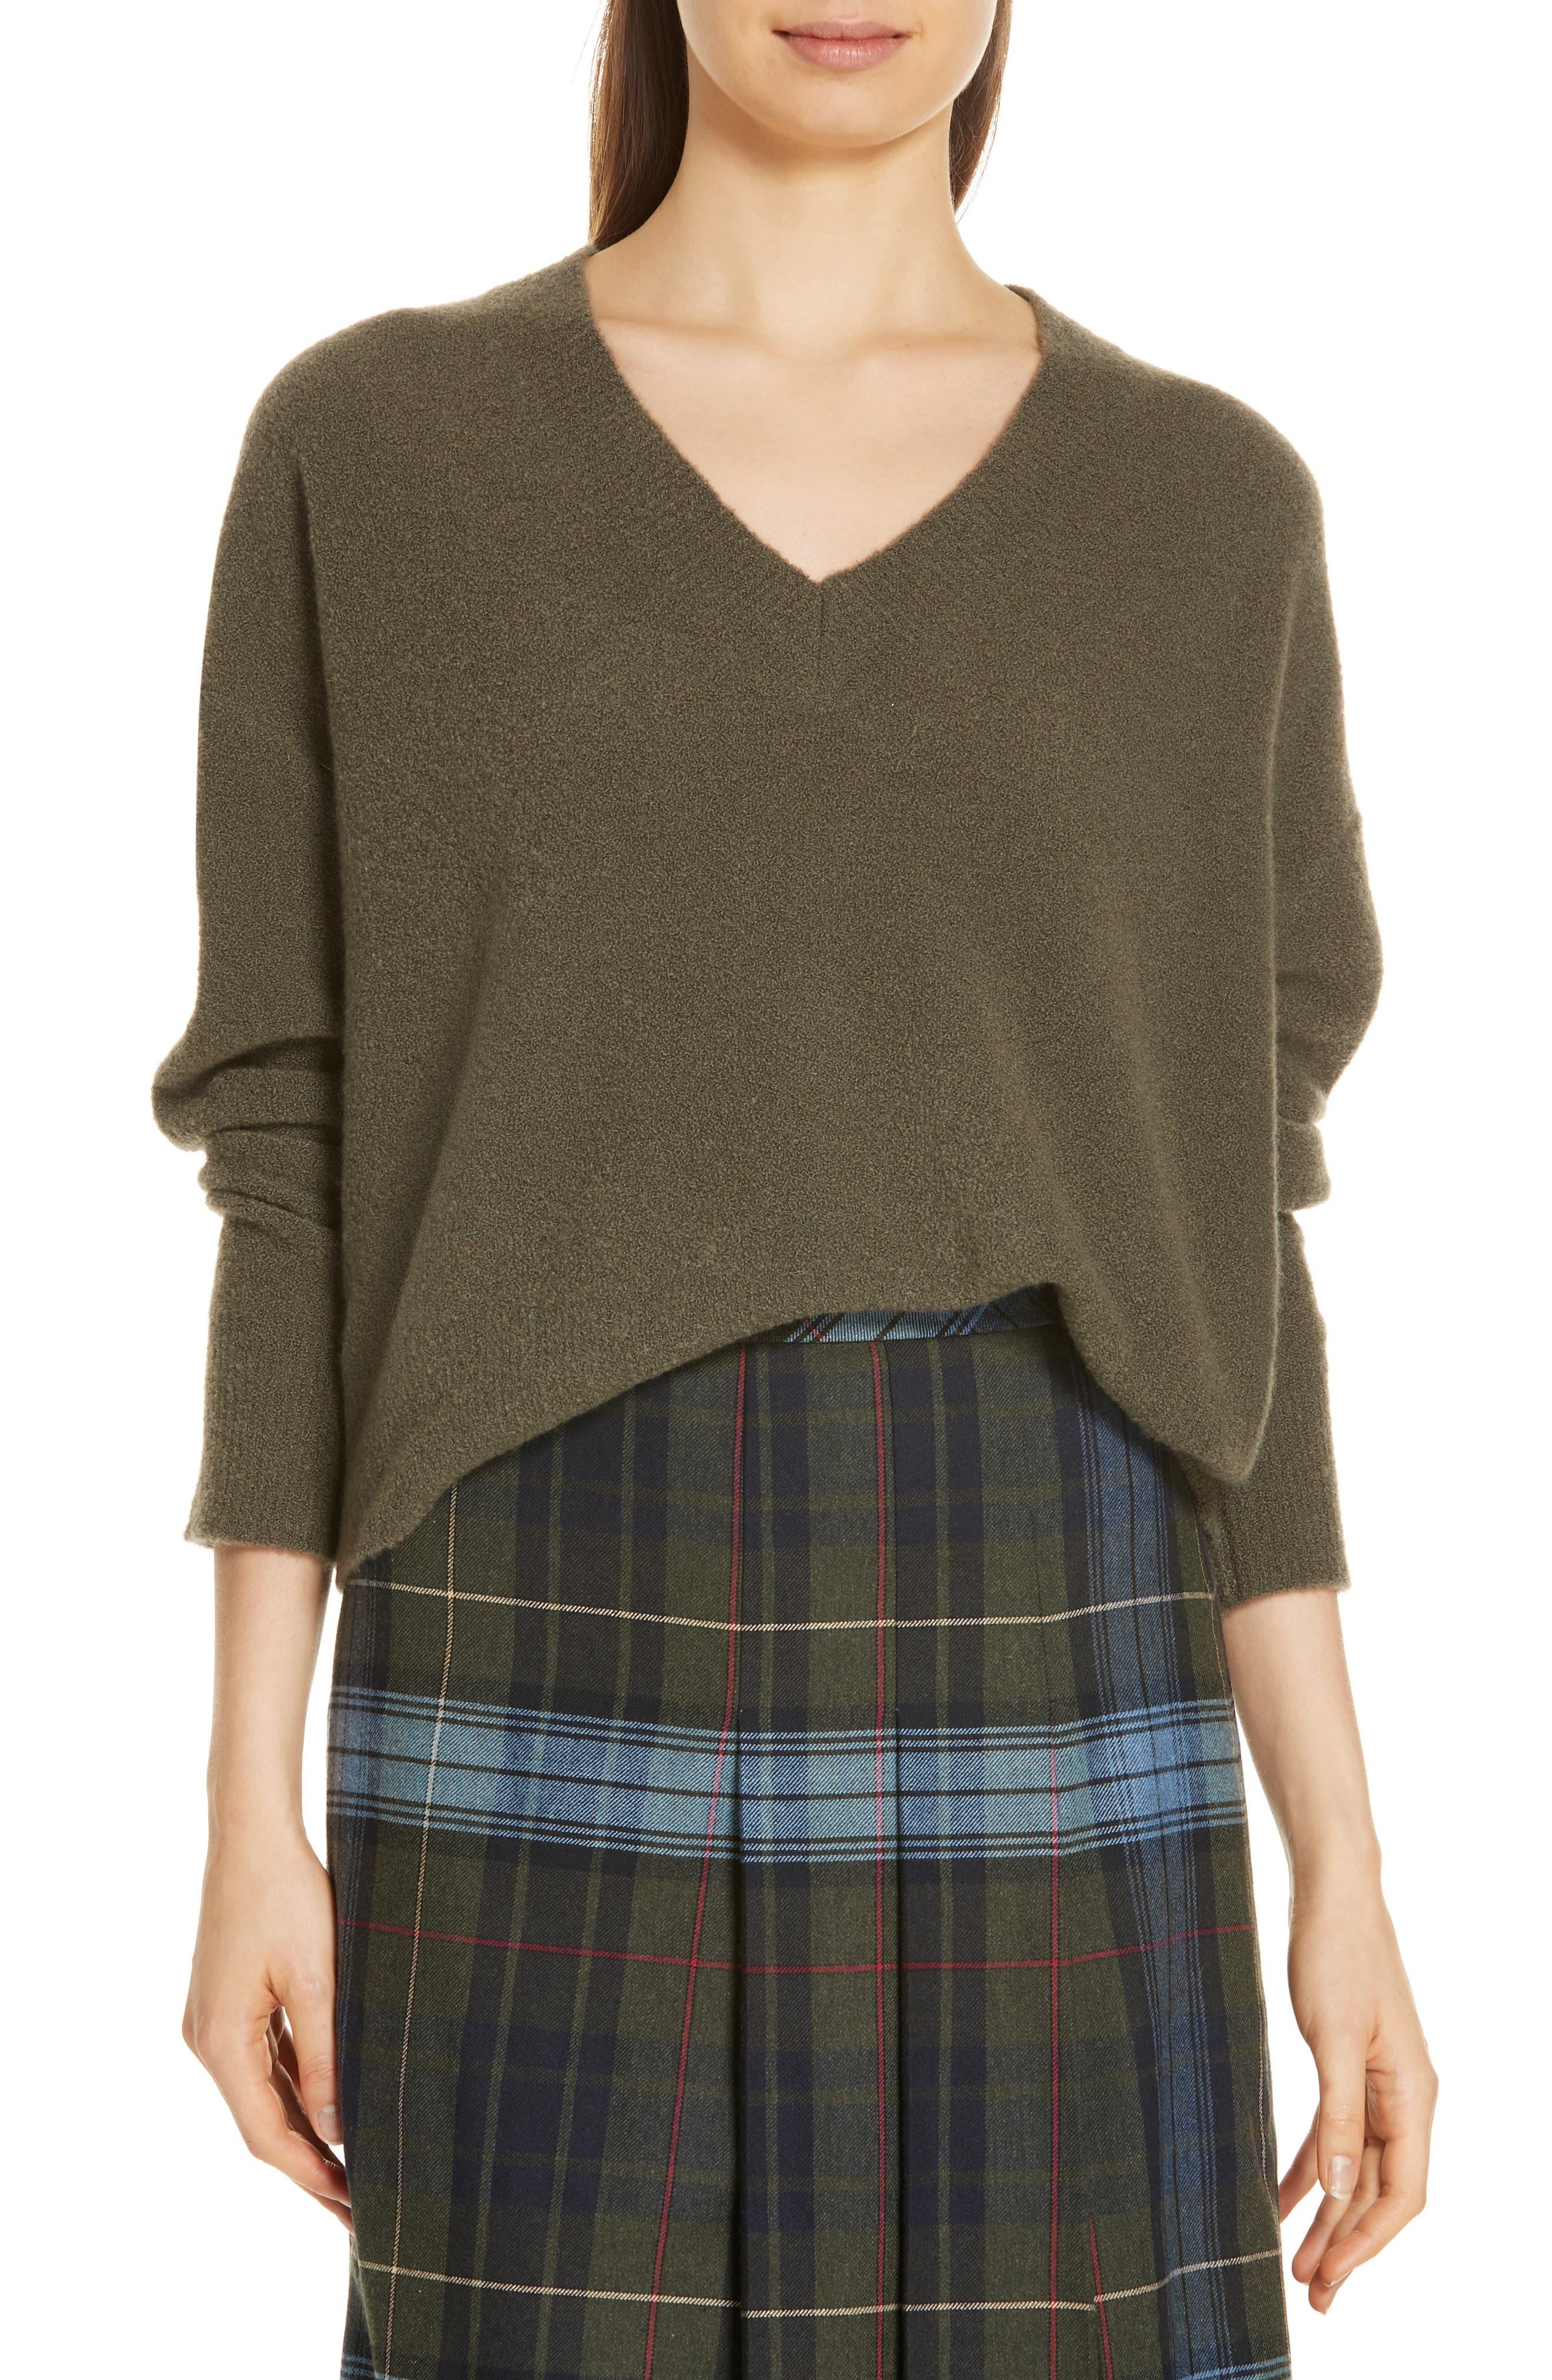 Cashmere Blend Bouclé Sweater,                             Main thumbnail 1, color,                             OLIVE IVY HEATHER